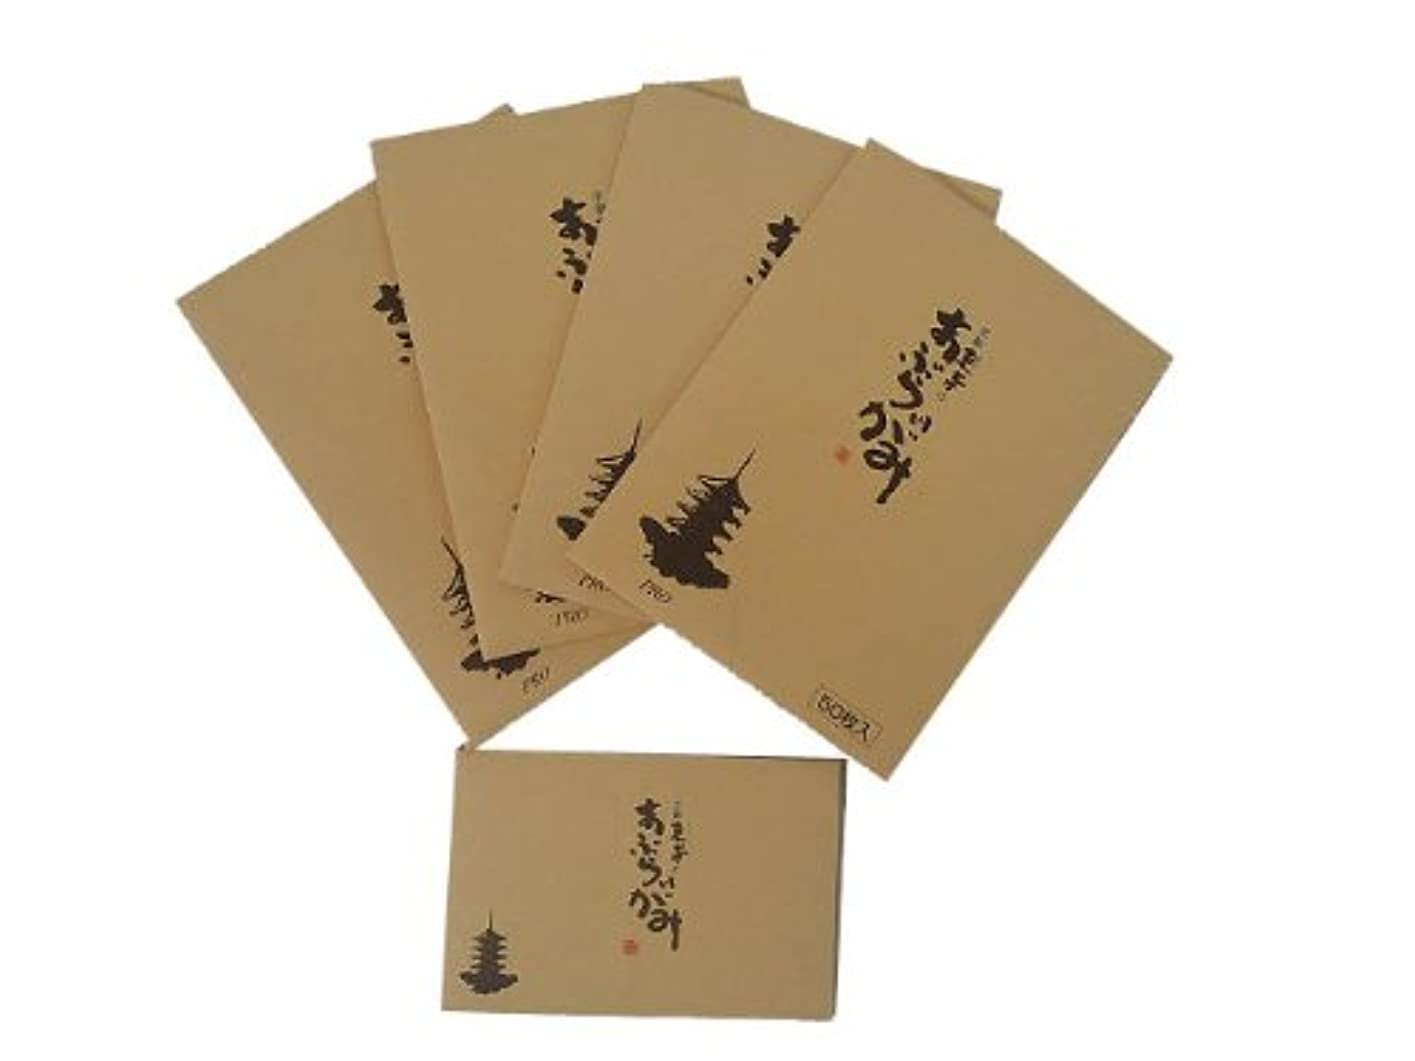 ぬいぐるみ収入先例京都東寺のあぶらとりがみ大判サイズサービスセット